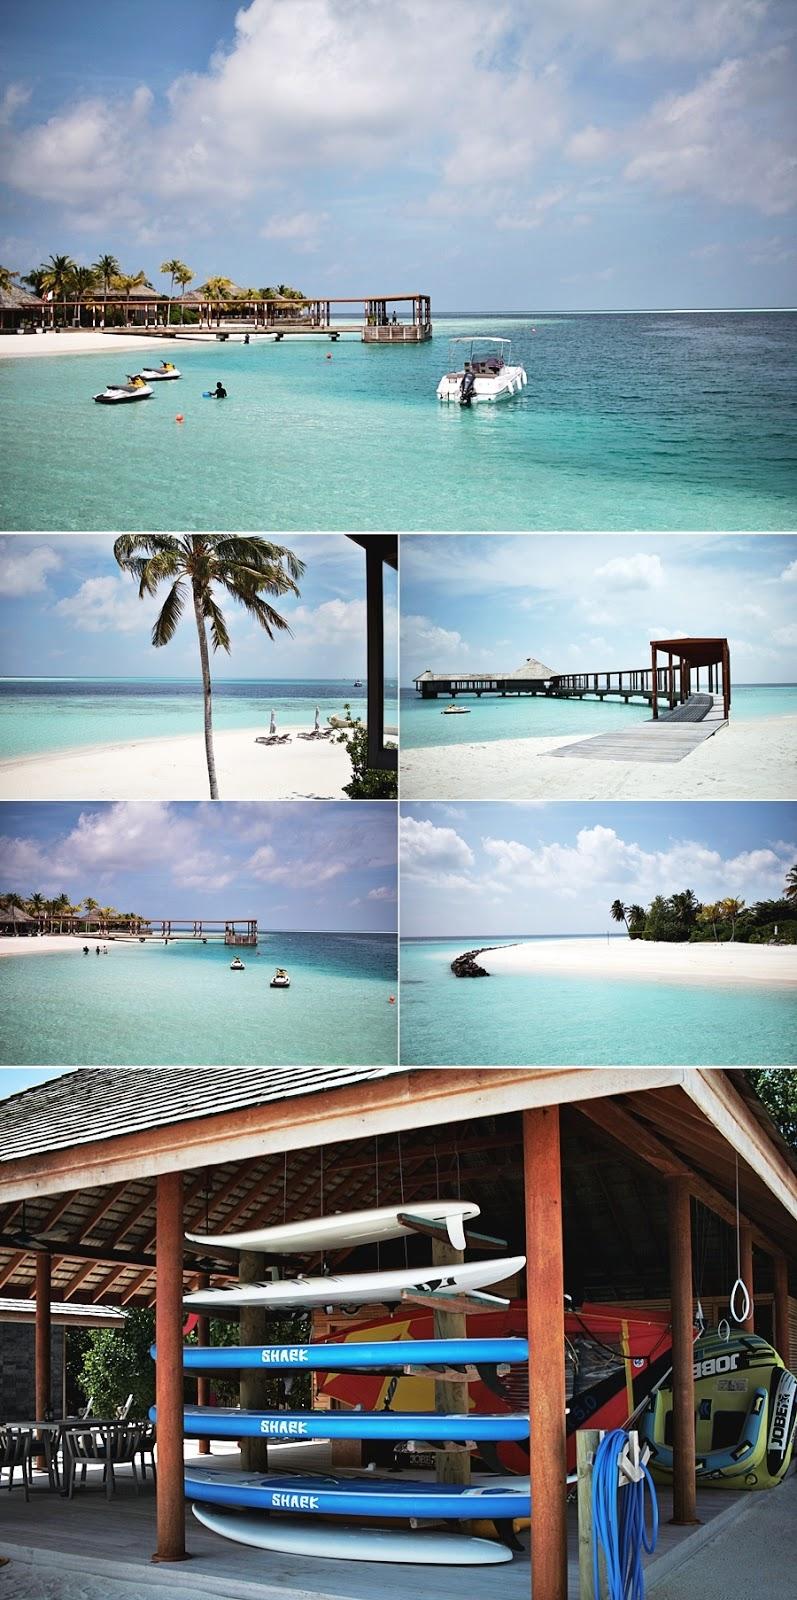 ausflug malediven reise paradies